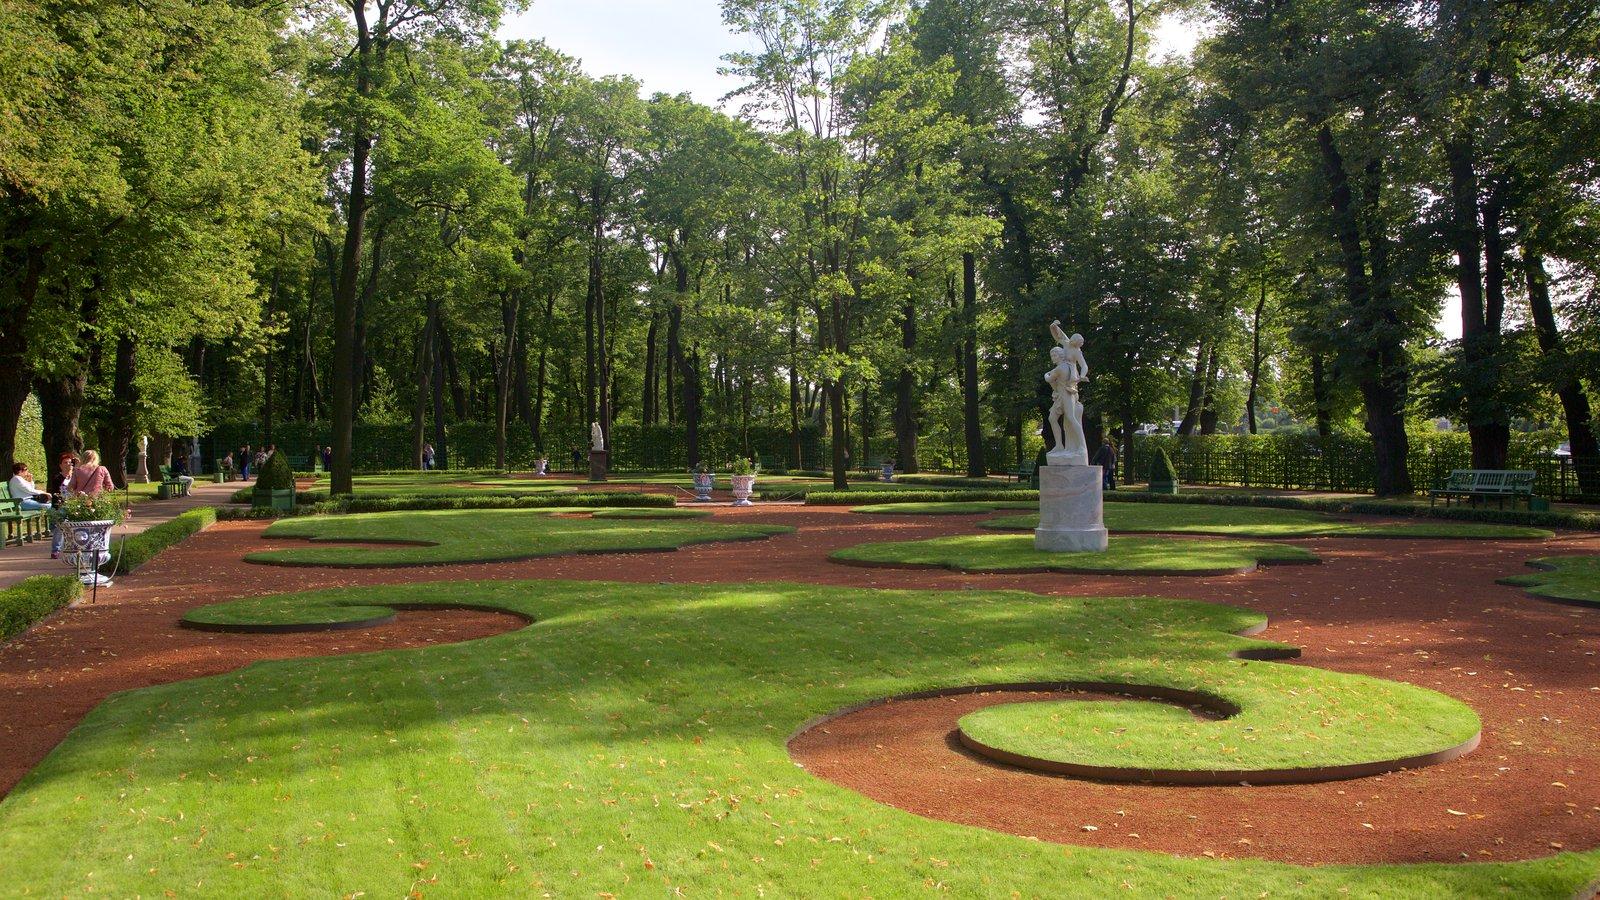 Fotos de parques y jardines ver im genes de jard n de verano for Parques y jardines fotos